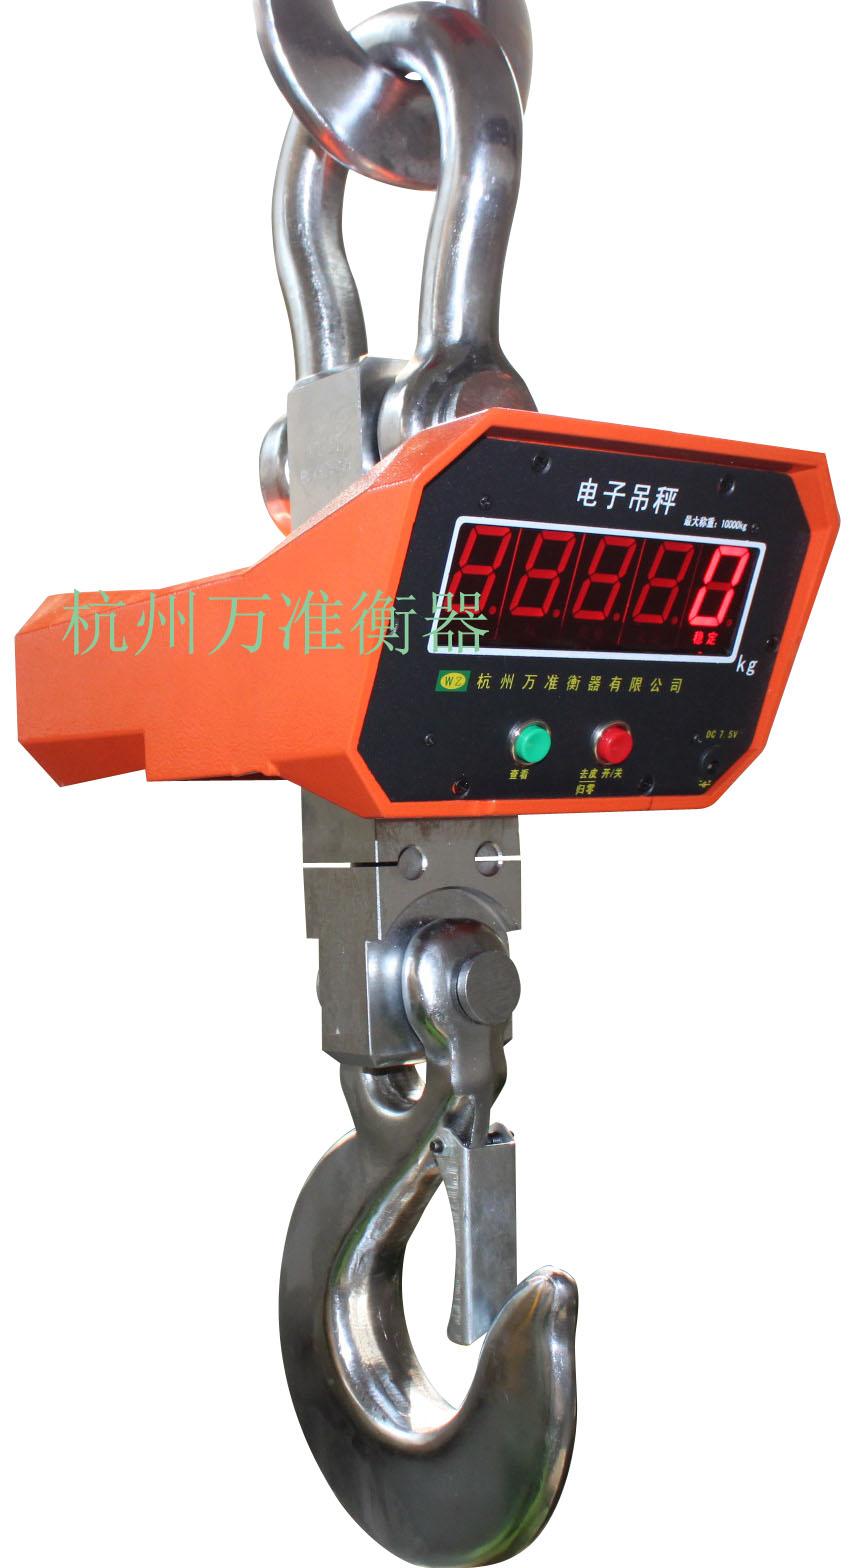 万准UPW5000直视绿字显示电子吊秤